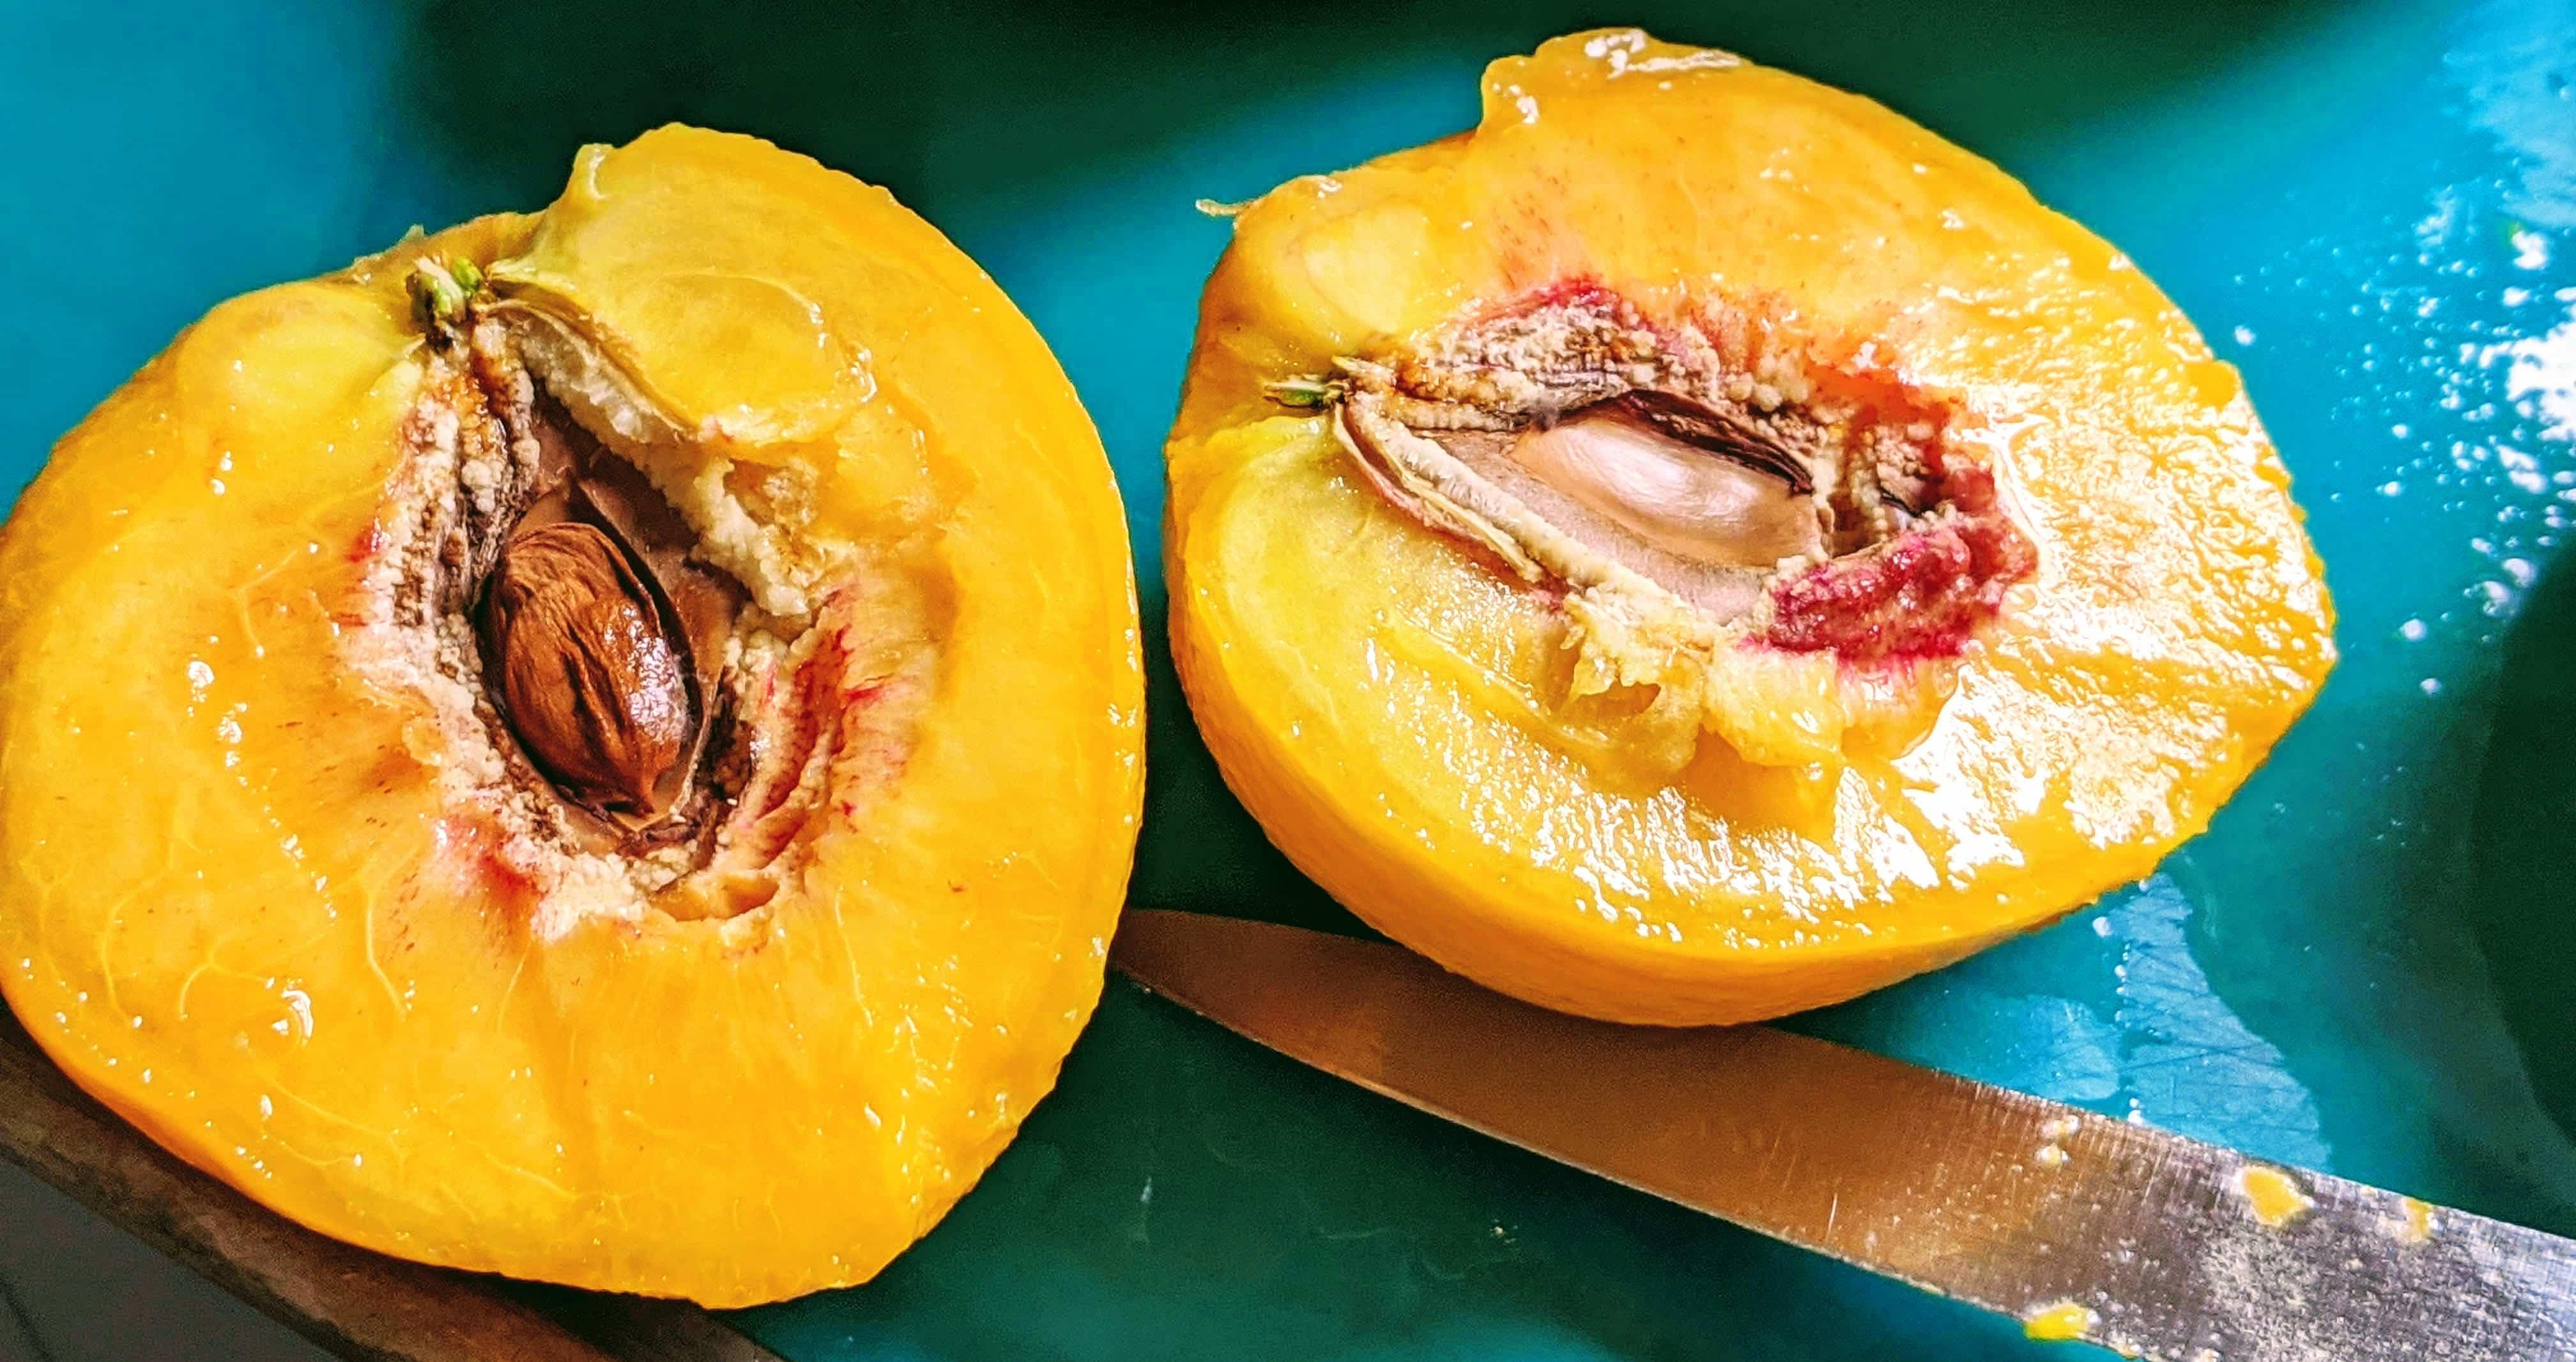 clingstone peaches